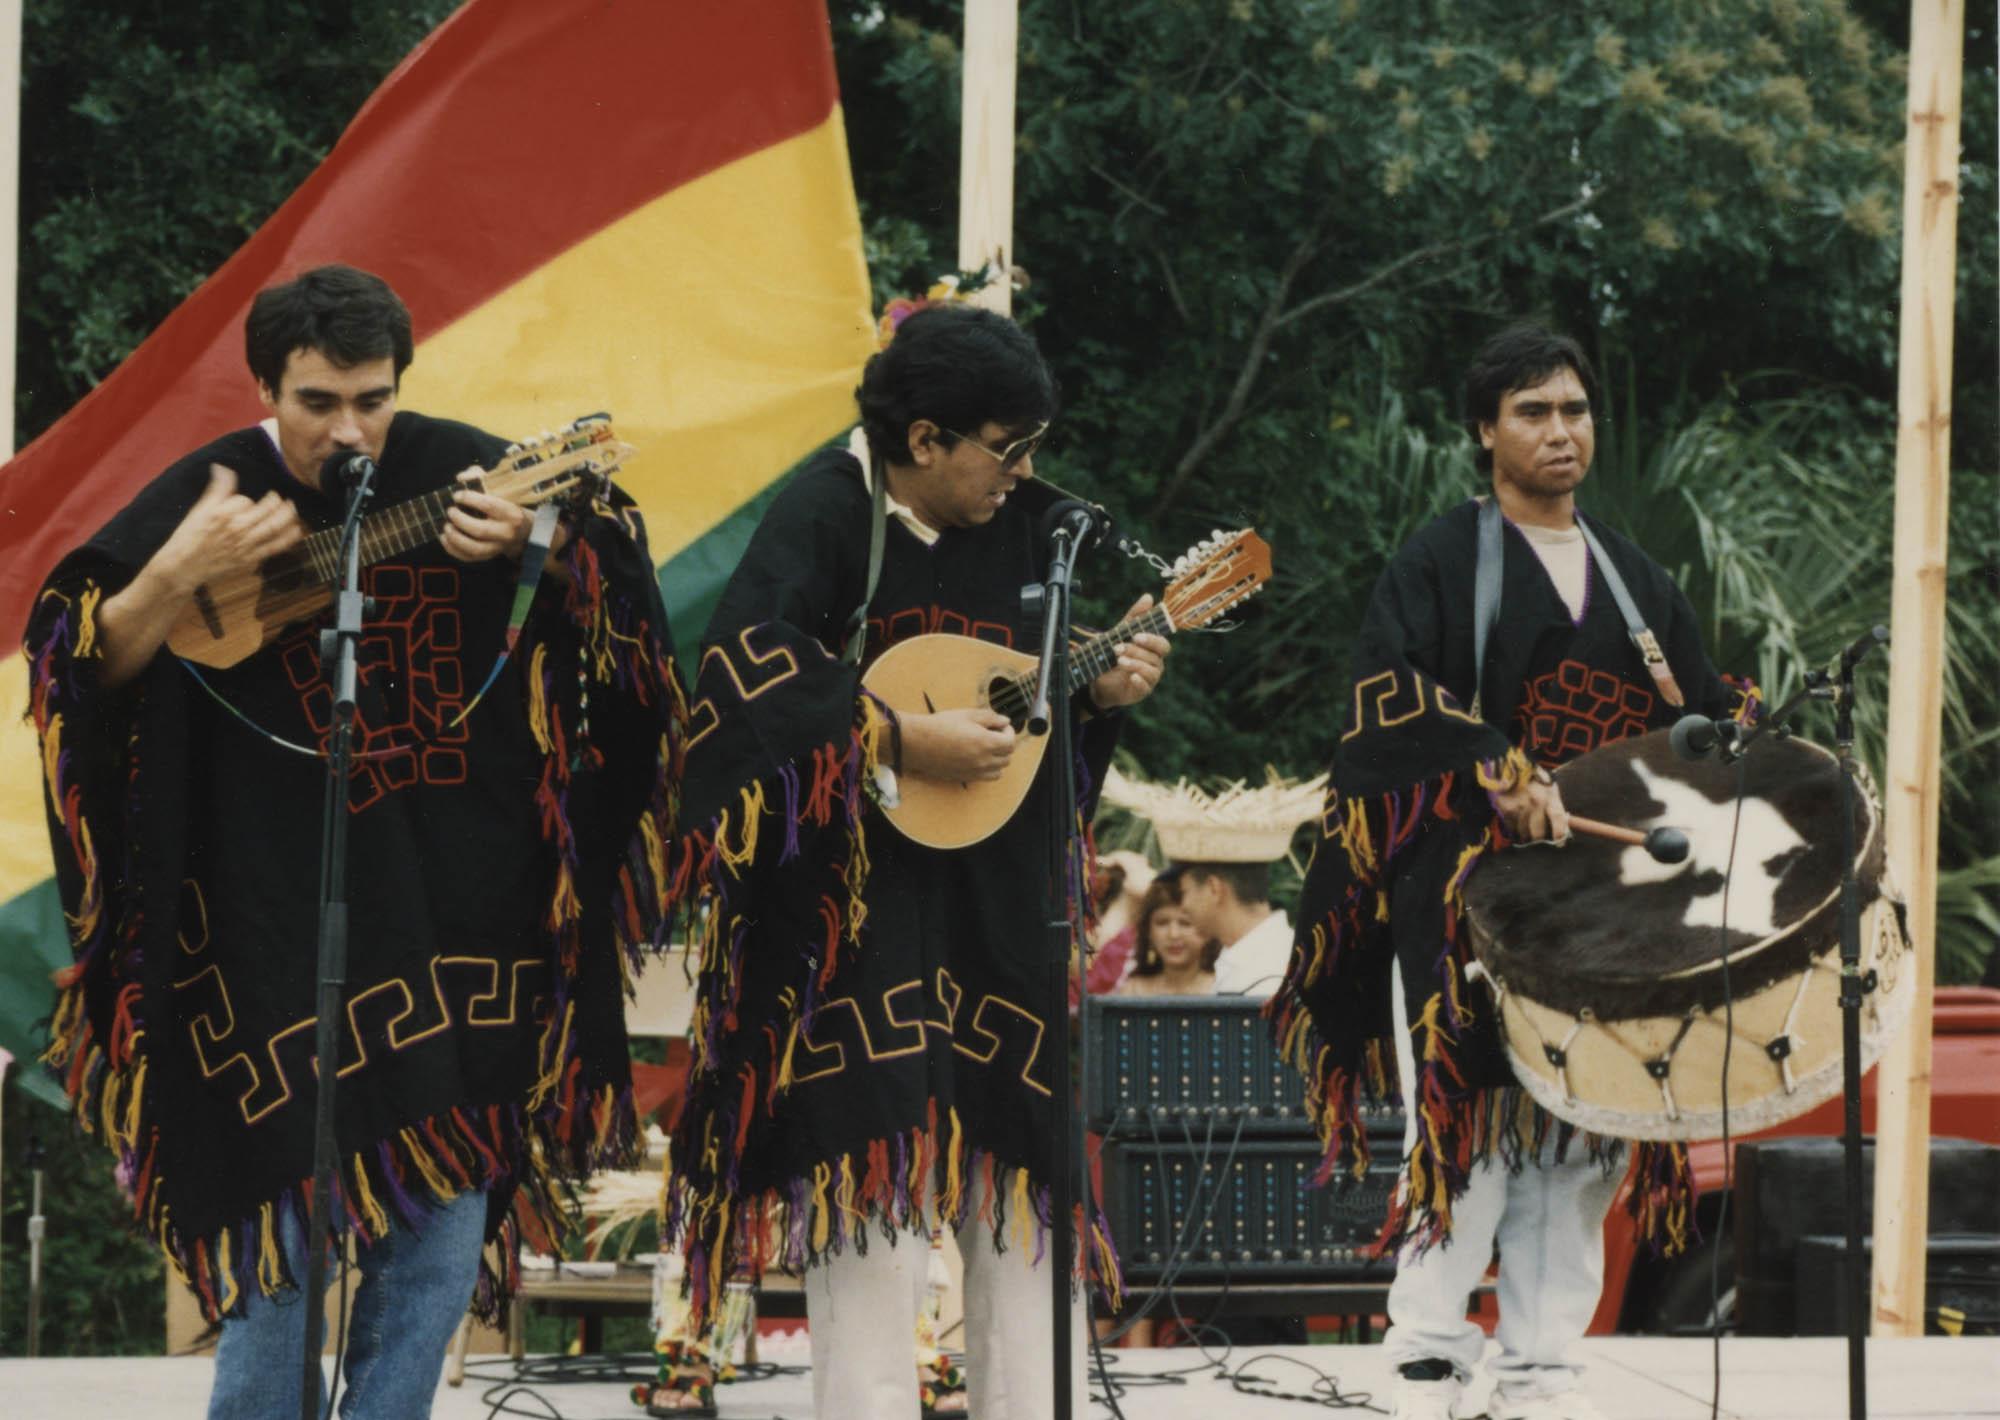 Fotografía de un trío de música folclórica boliviana actuando en el Festival Hispano en Palmetto Island Park  /  Photograph of Andean Music Trio, Hispanic Festival at Palmetto Island Park